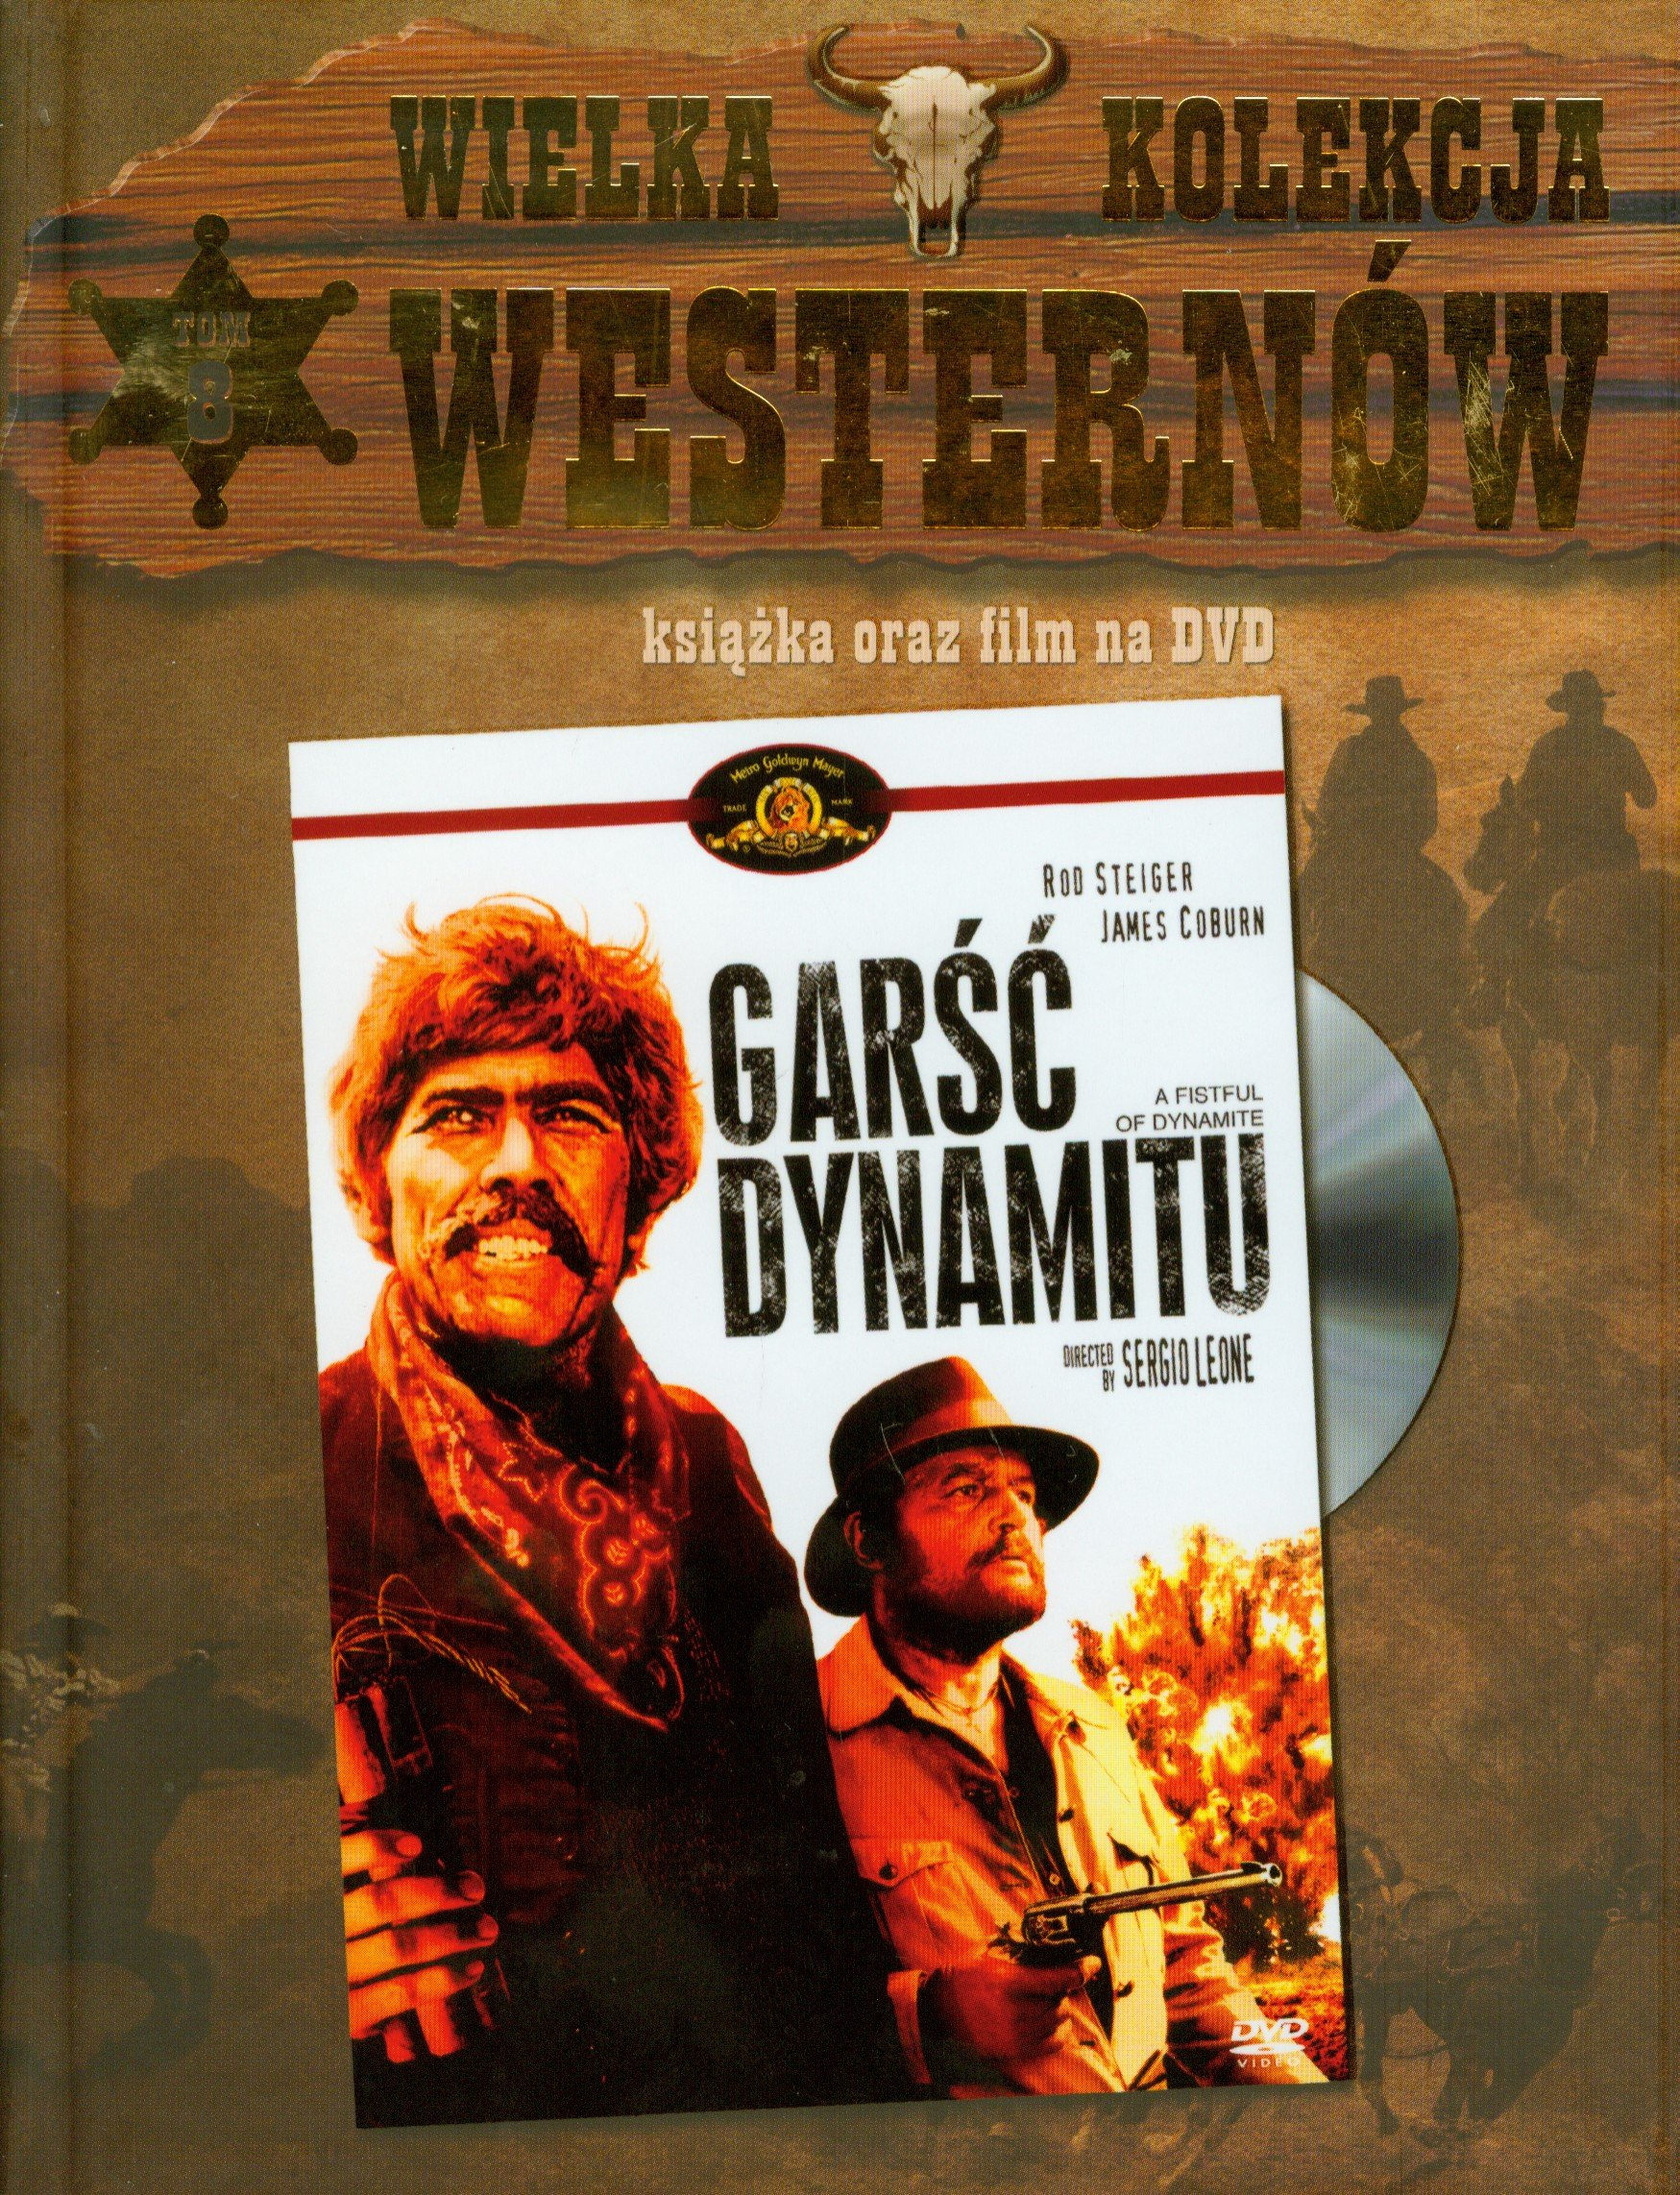 Wielka Kolekcja Westernow 8 Garsc dynamitu